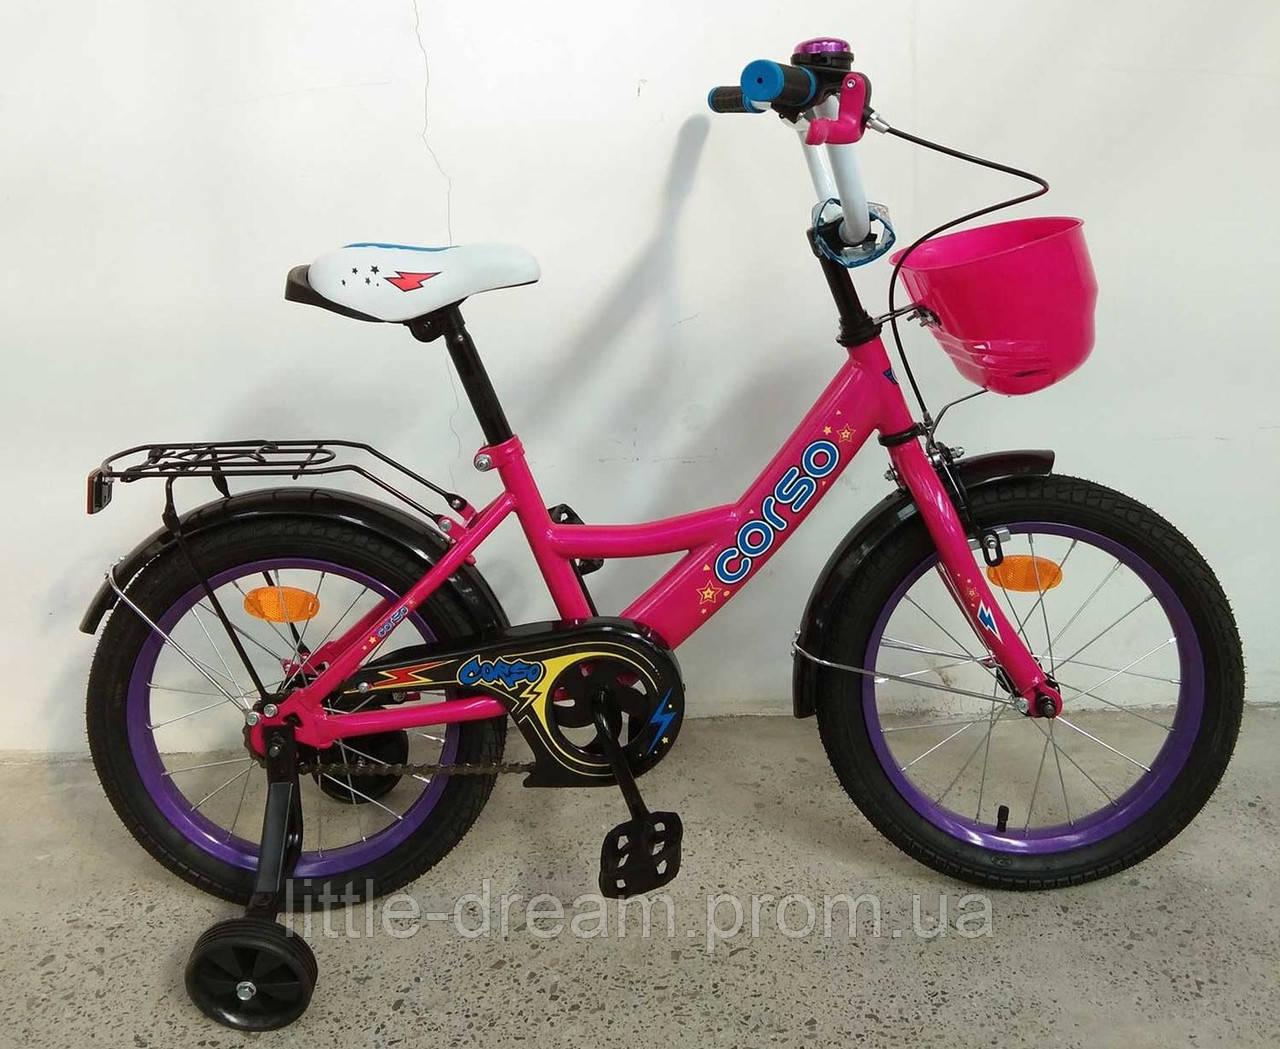 """Велосипед 16"""" дюймов 2-х колёсный G-16075 """"CORSO"""", ручной тормоз, звоночек, сидение с ручкой, дополнительные колеса"""